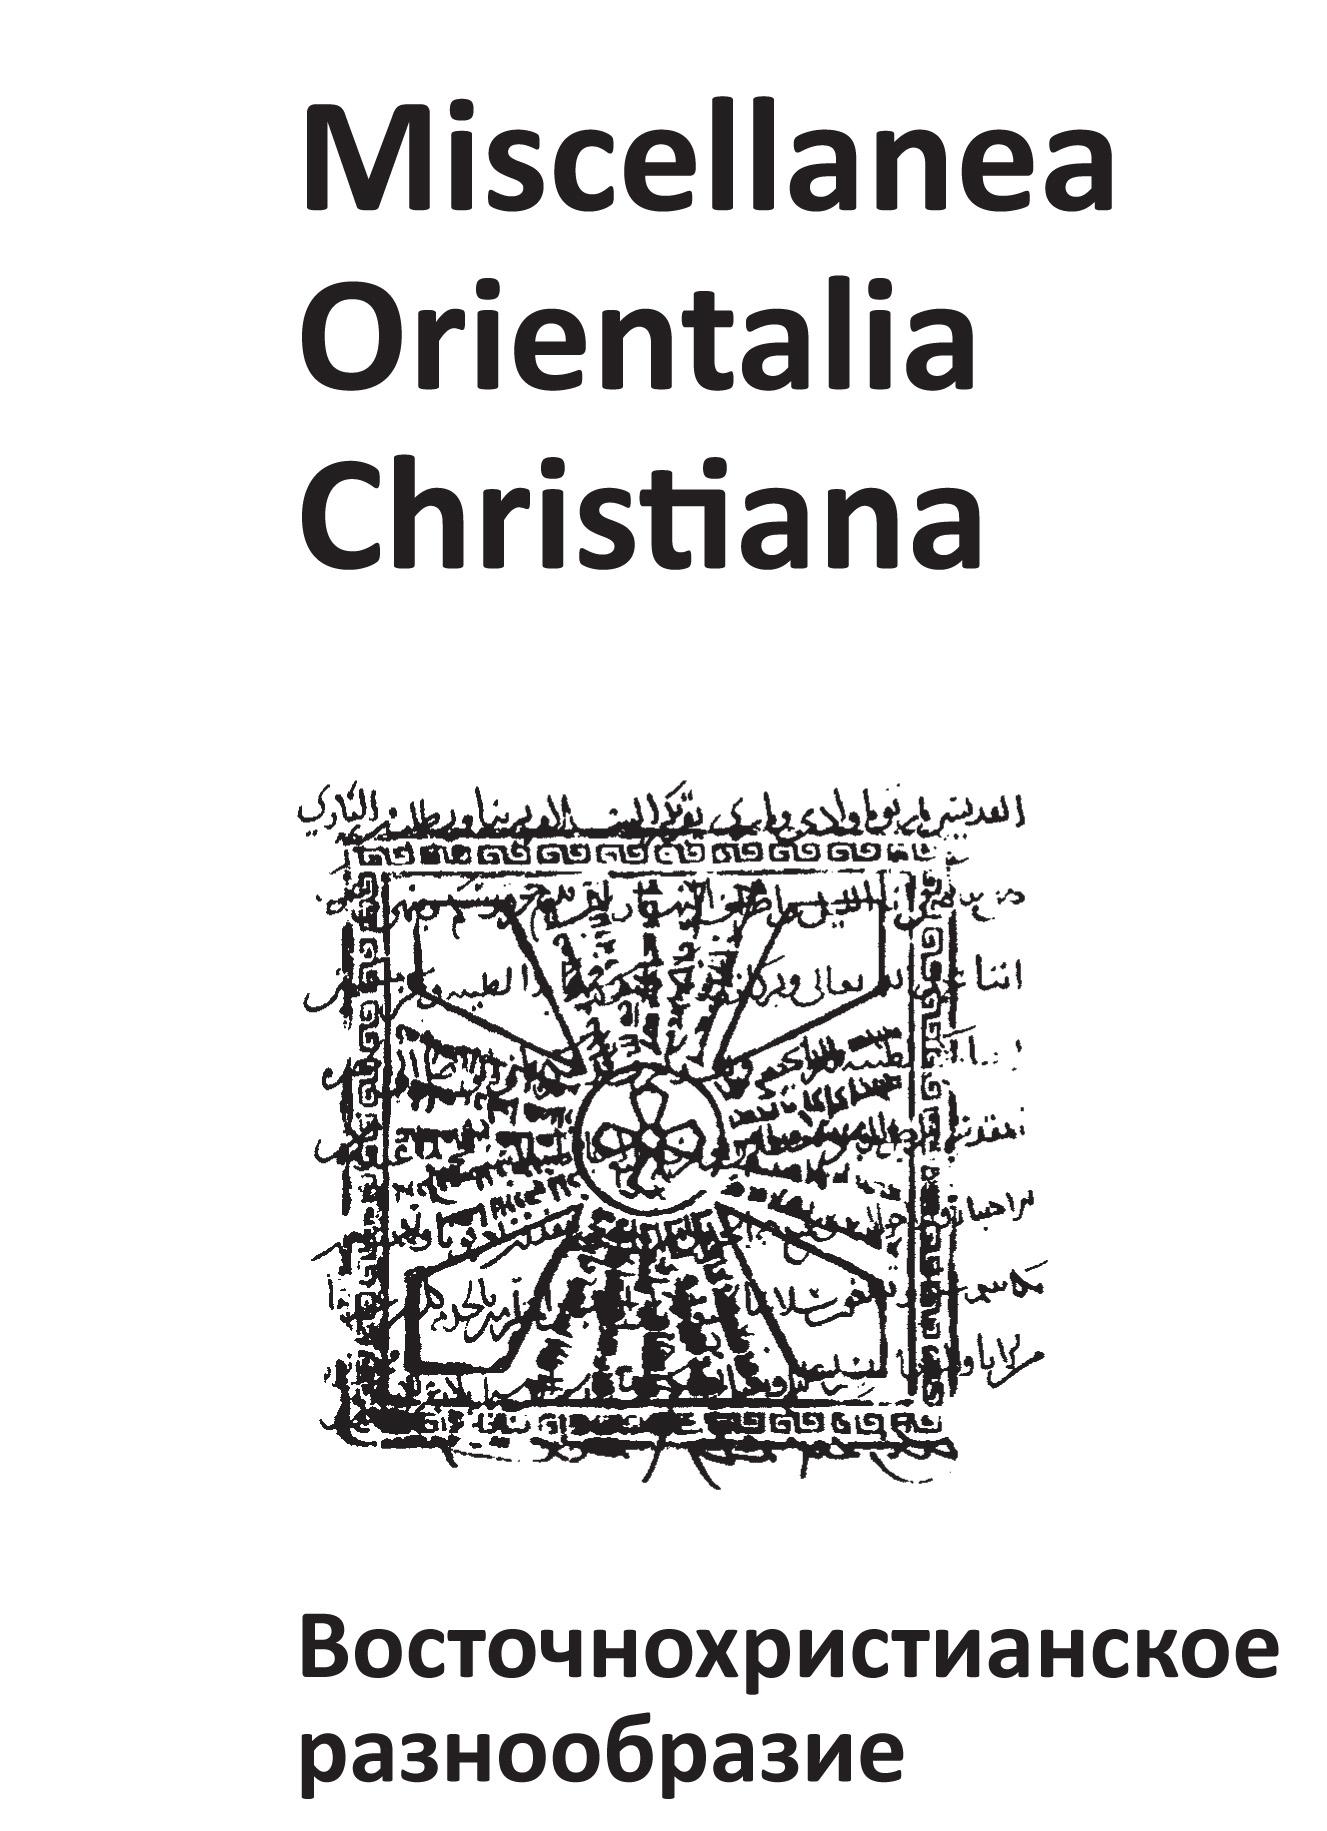 Miscellanea Orientalia Christiana. Восточнохристианское разнообразие ( Коллектив авторов  )